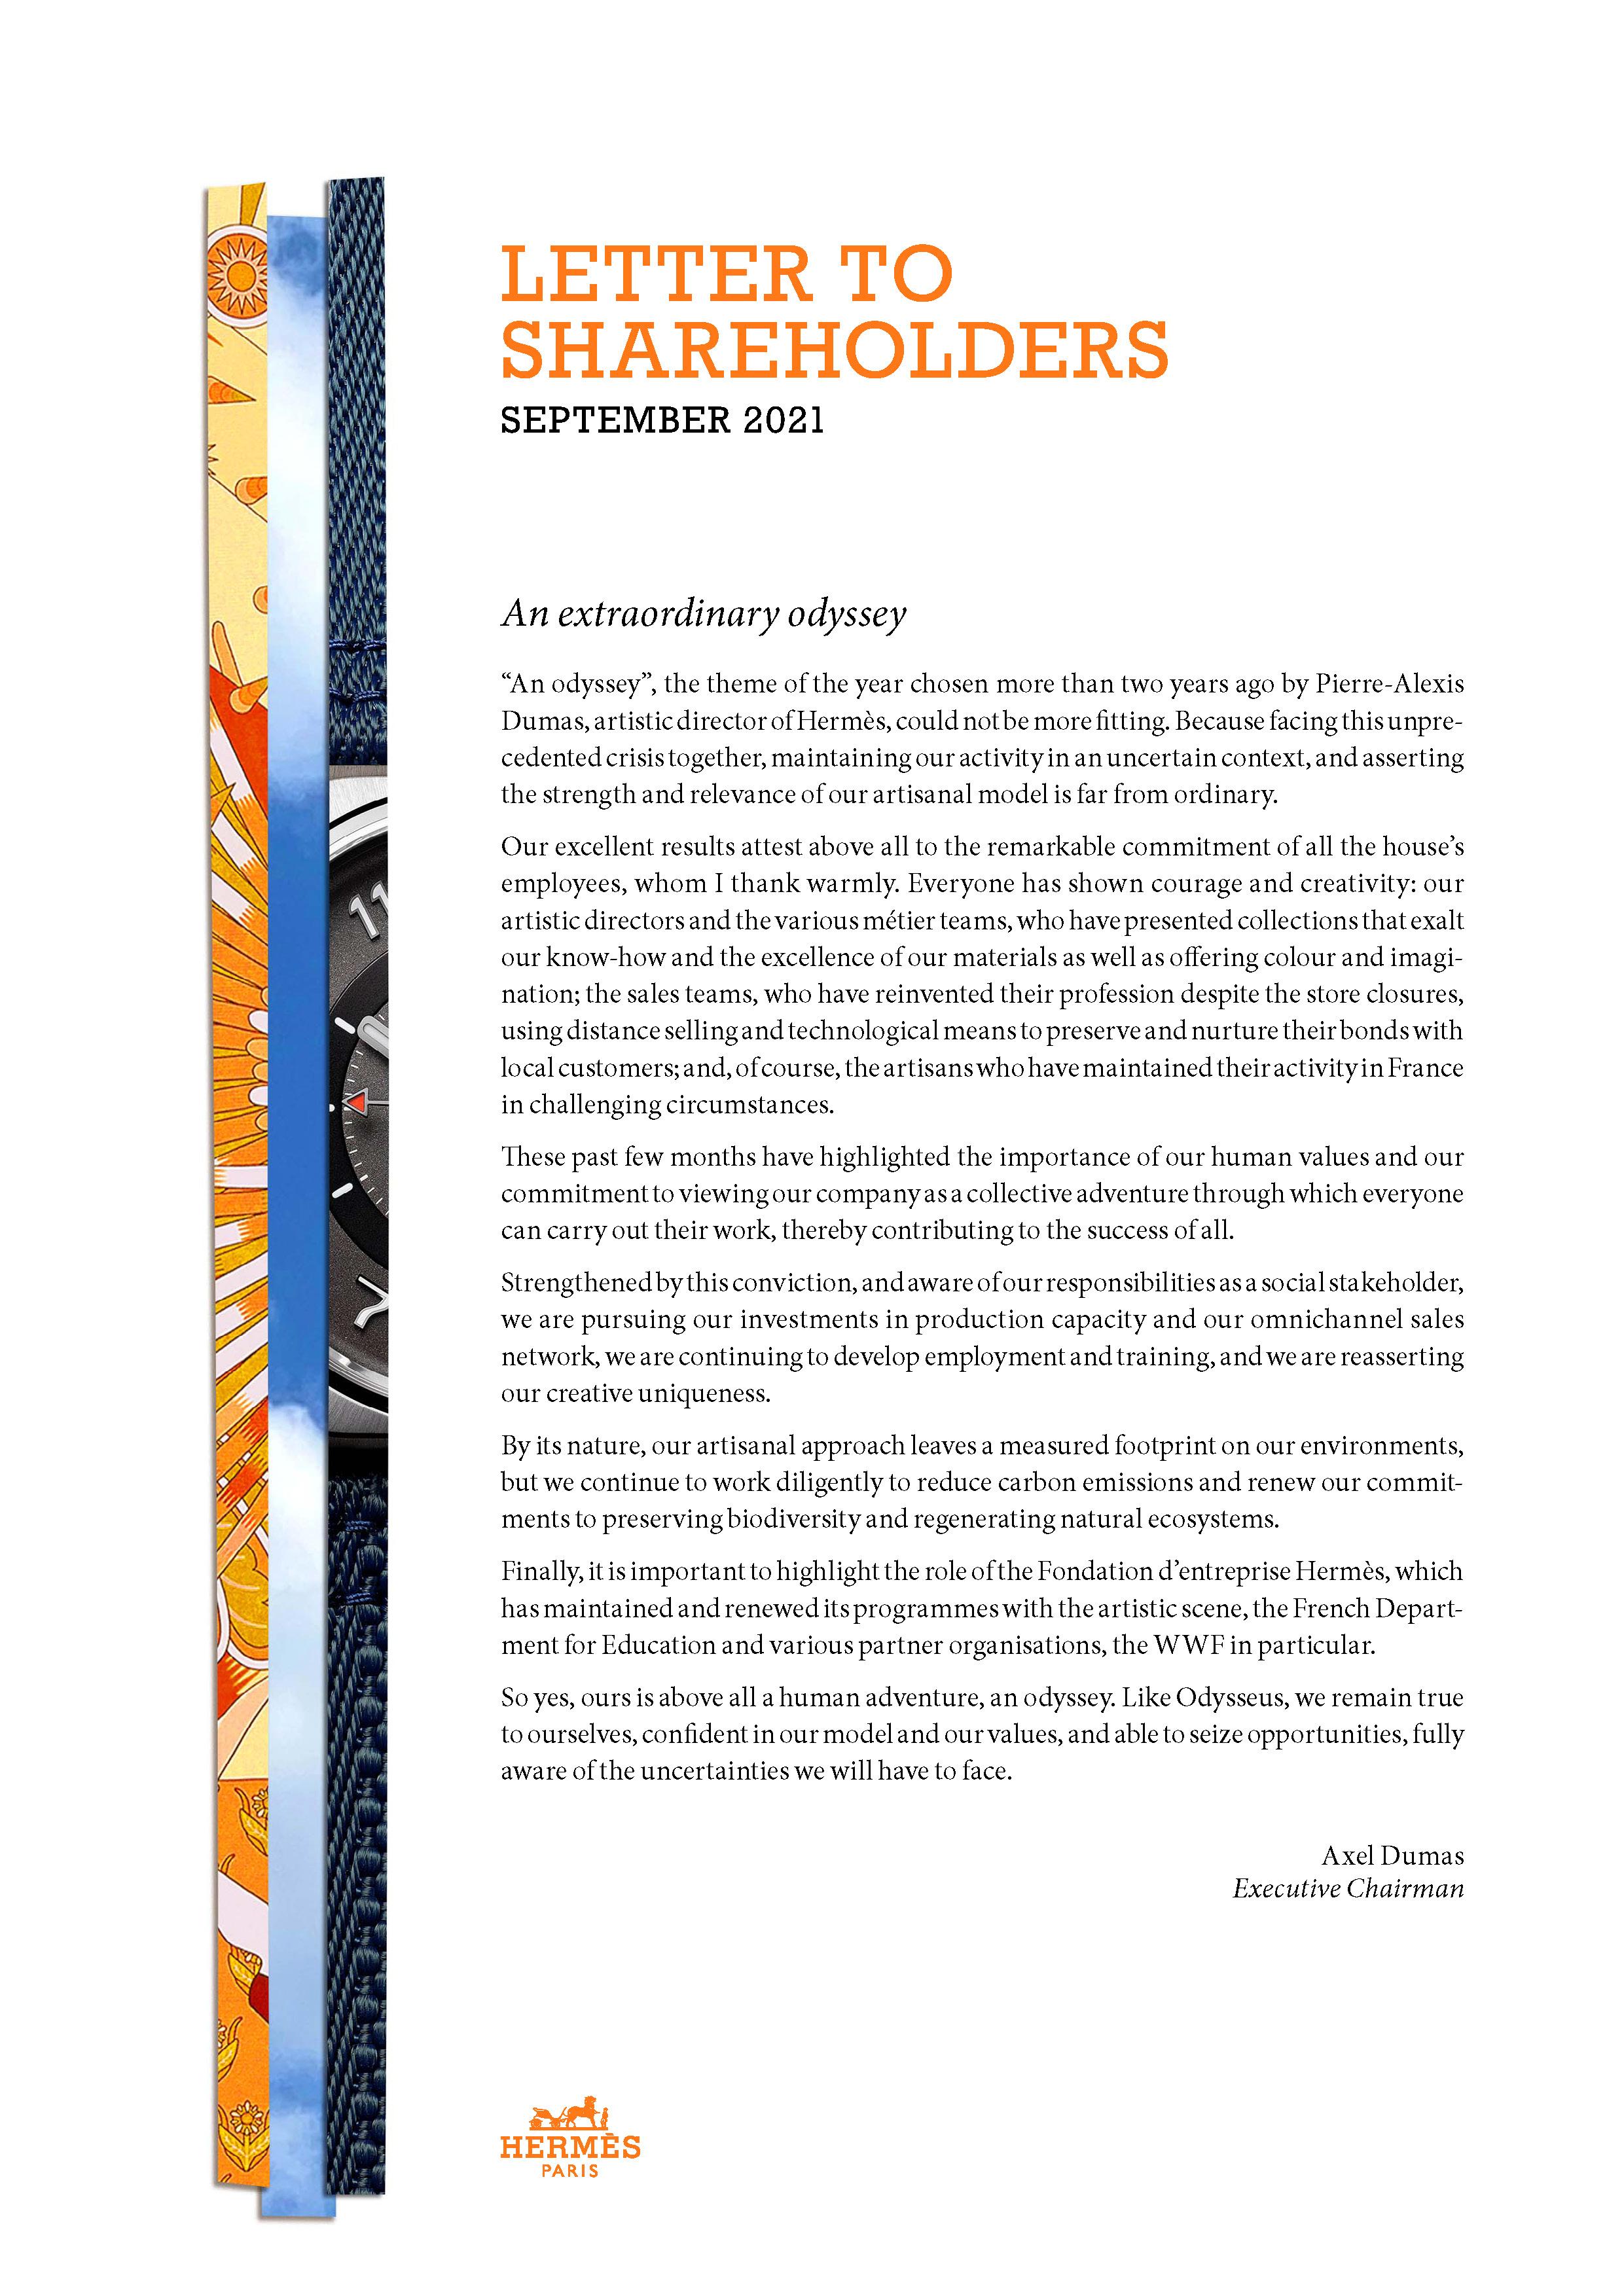 Cover of the shareholders letter, september 2021